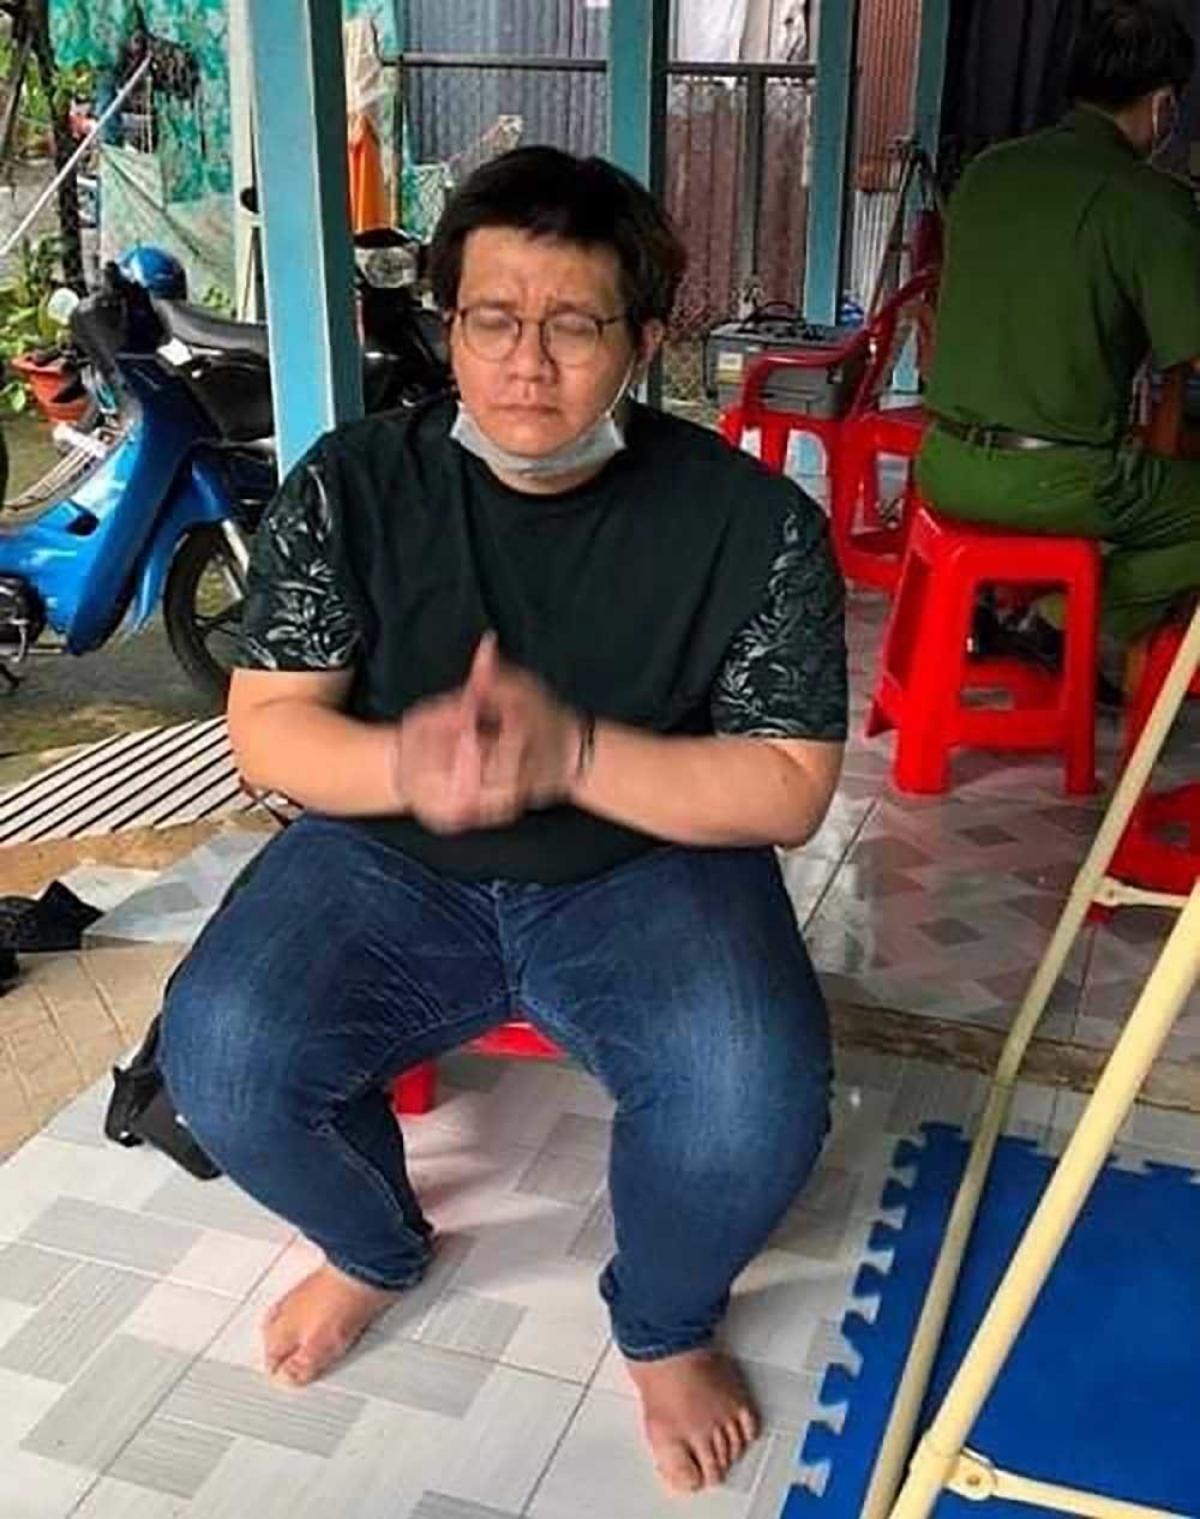 Nhâm Hoàng Khang thời điểm bị bắt tại Cần Thơ. (Ảnh: Công an cung cấp)